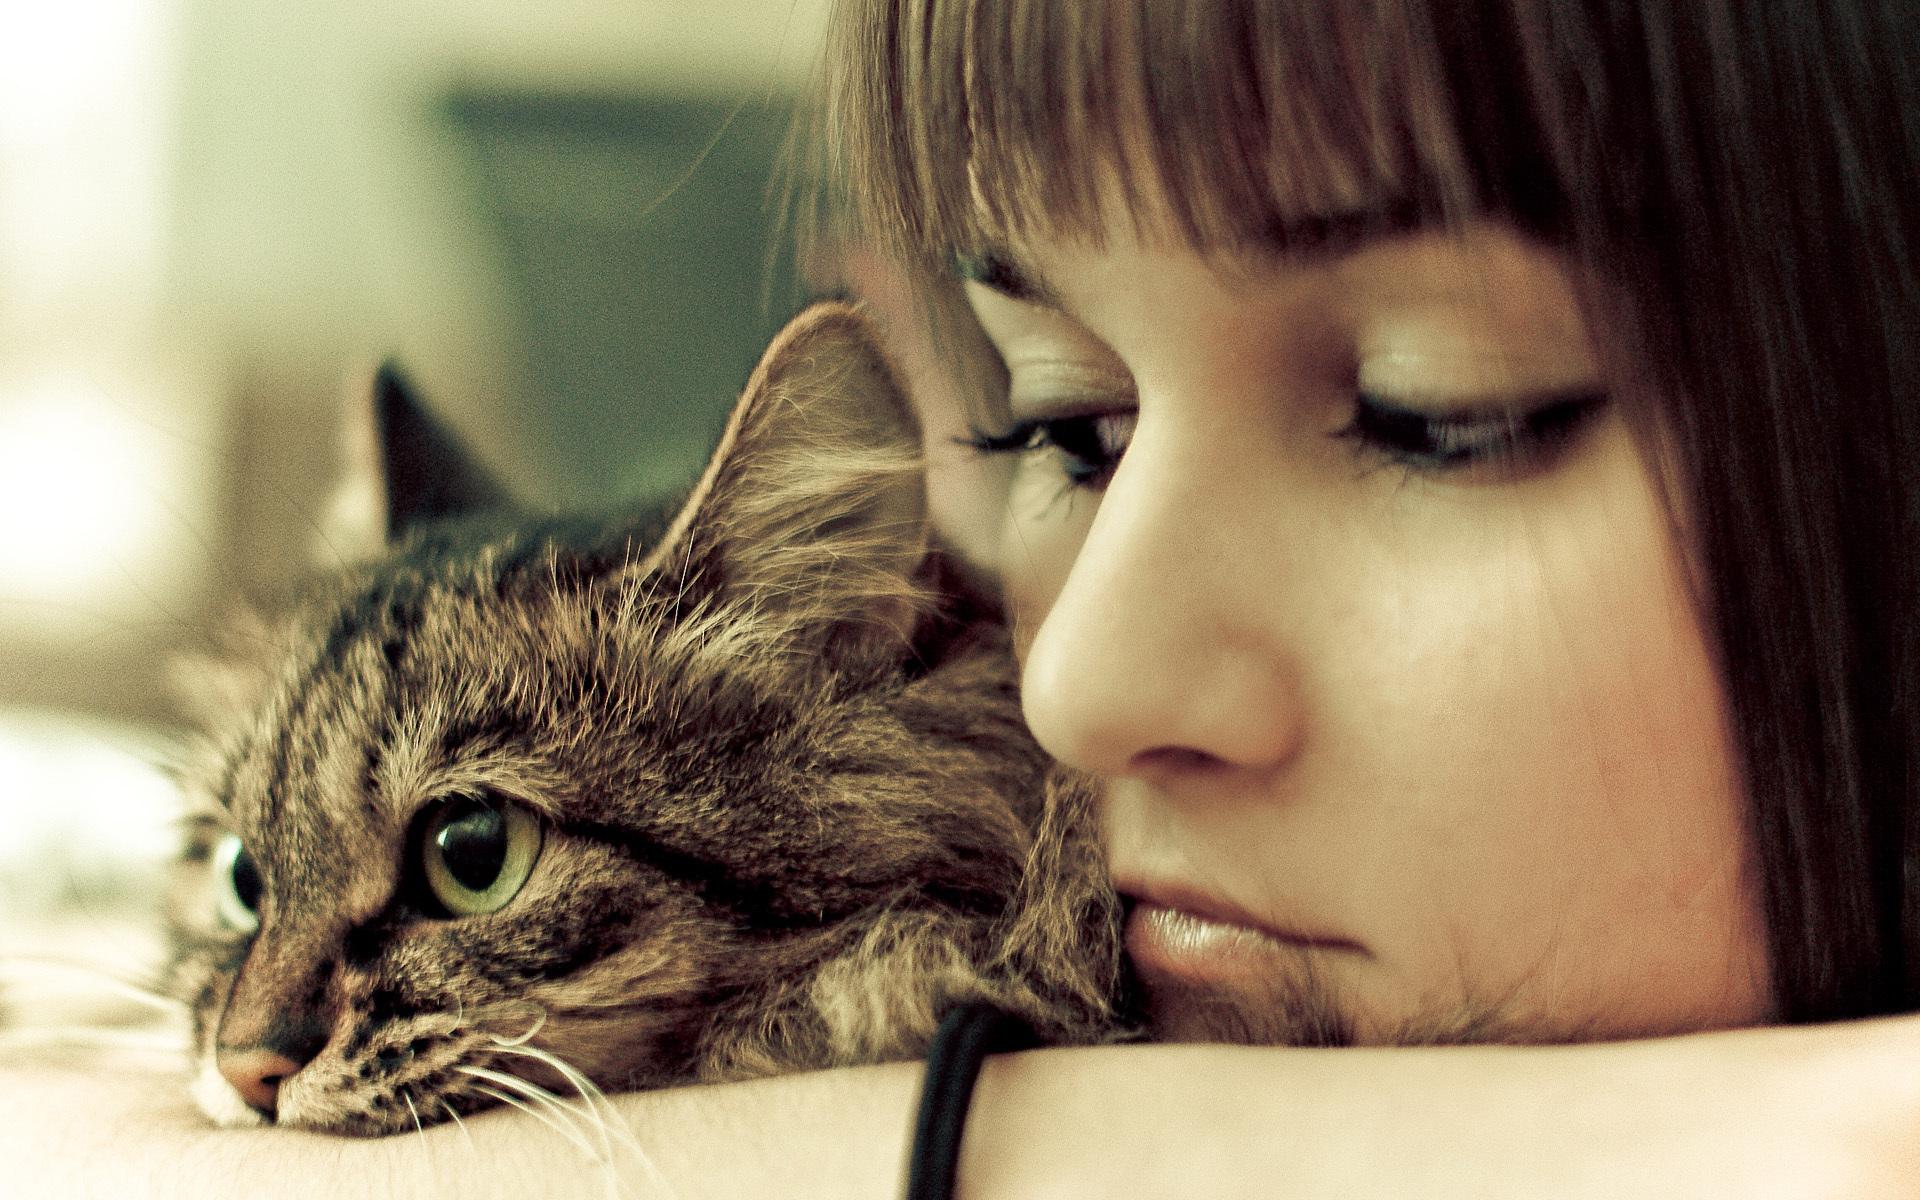 девушка котенок лицо взгляд  № 3597563 загрузить